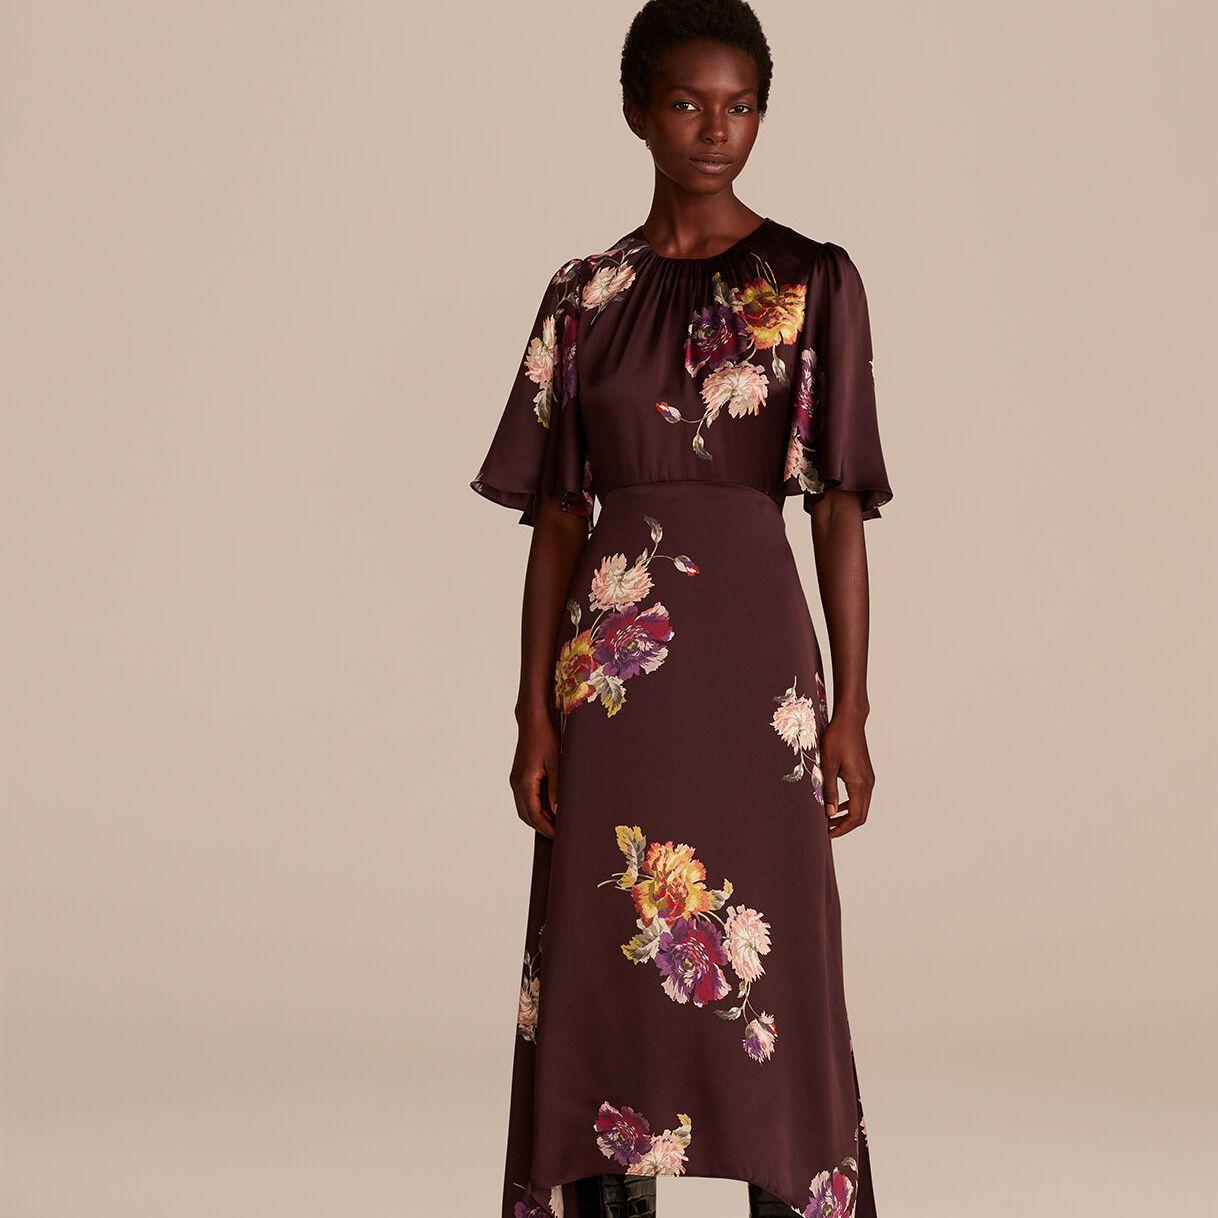 Rebecca Taylor Simone Fleur Dress $495